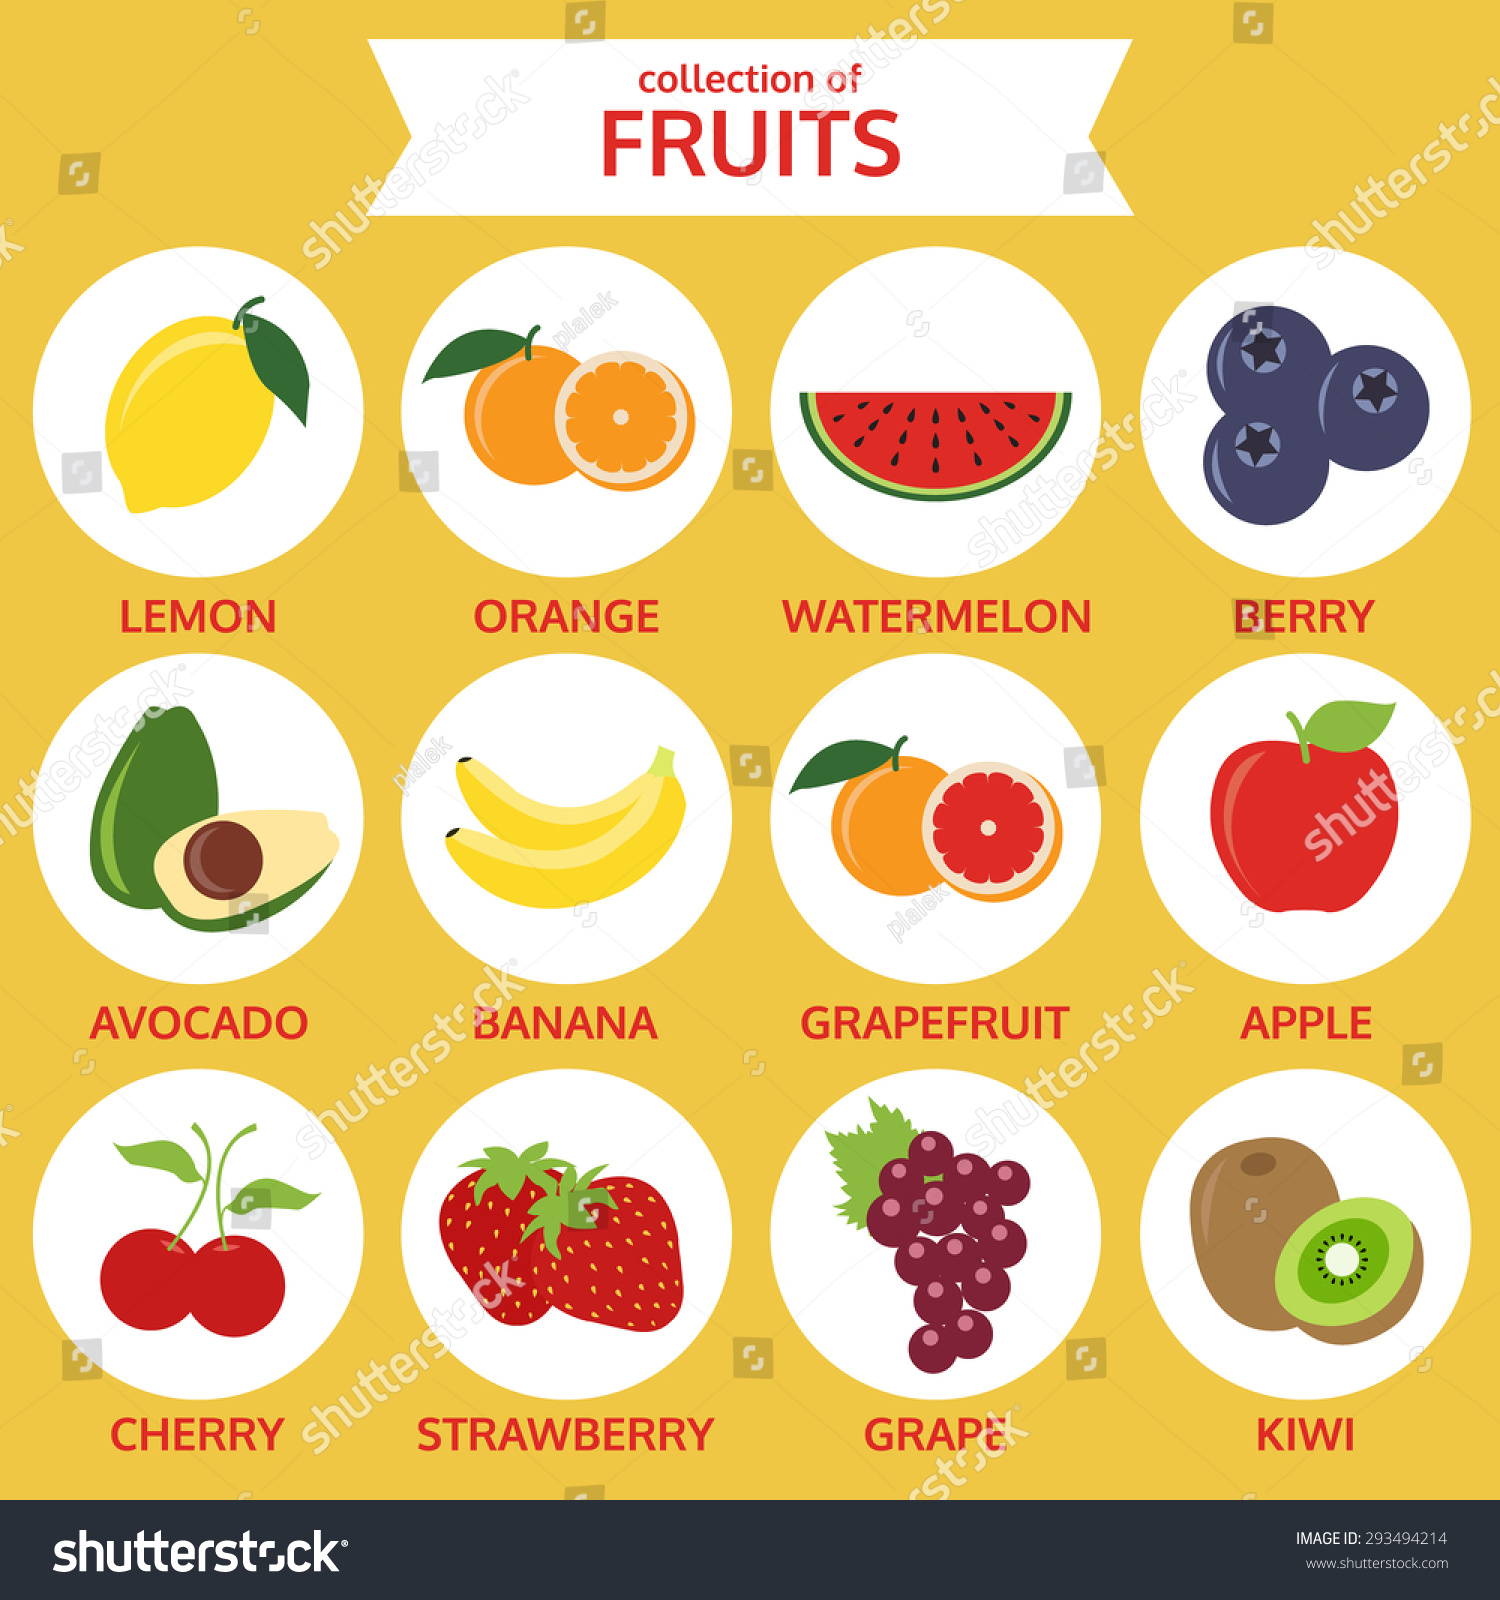 水果图标的集合,食物矢量插图